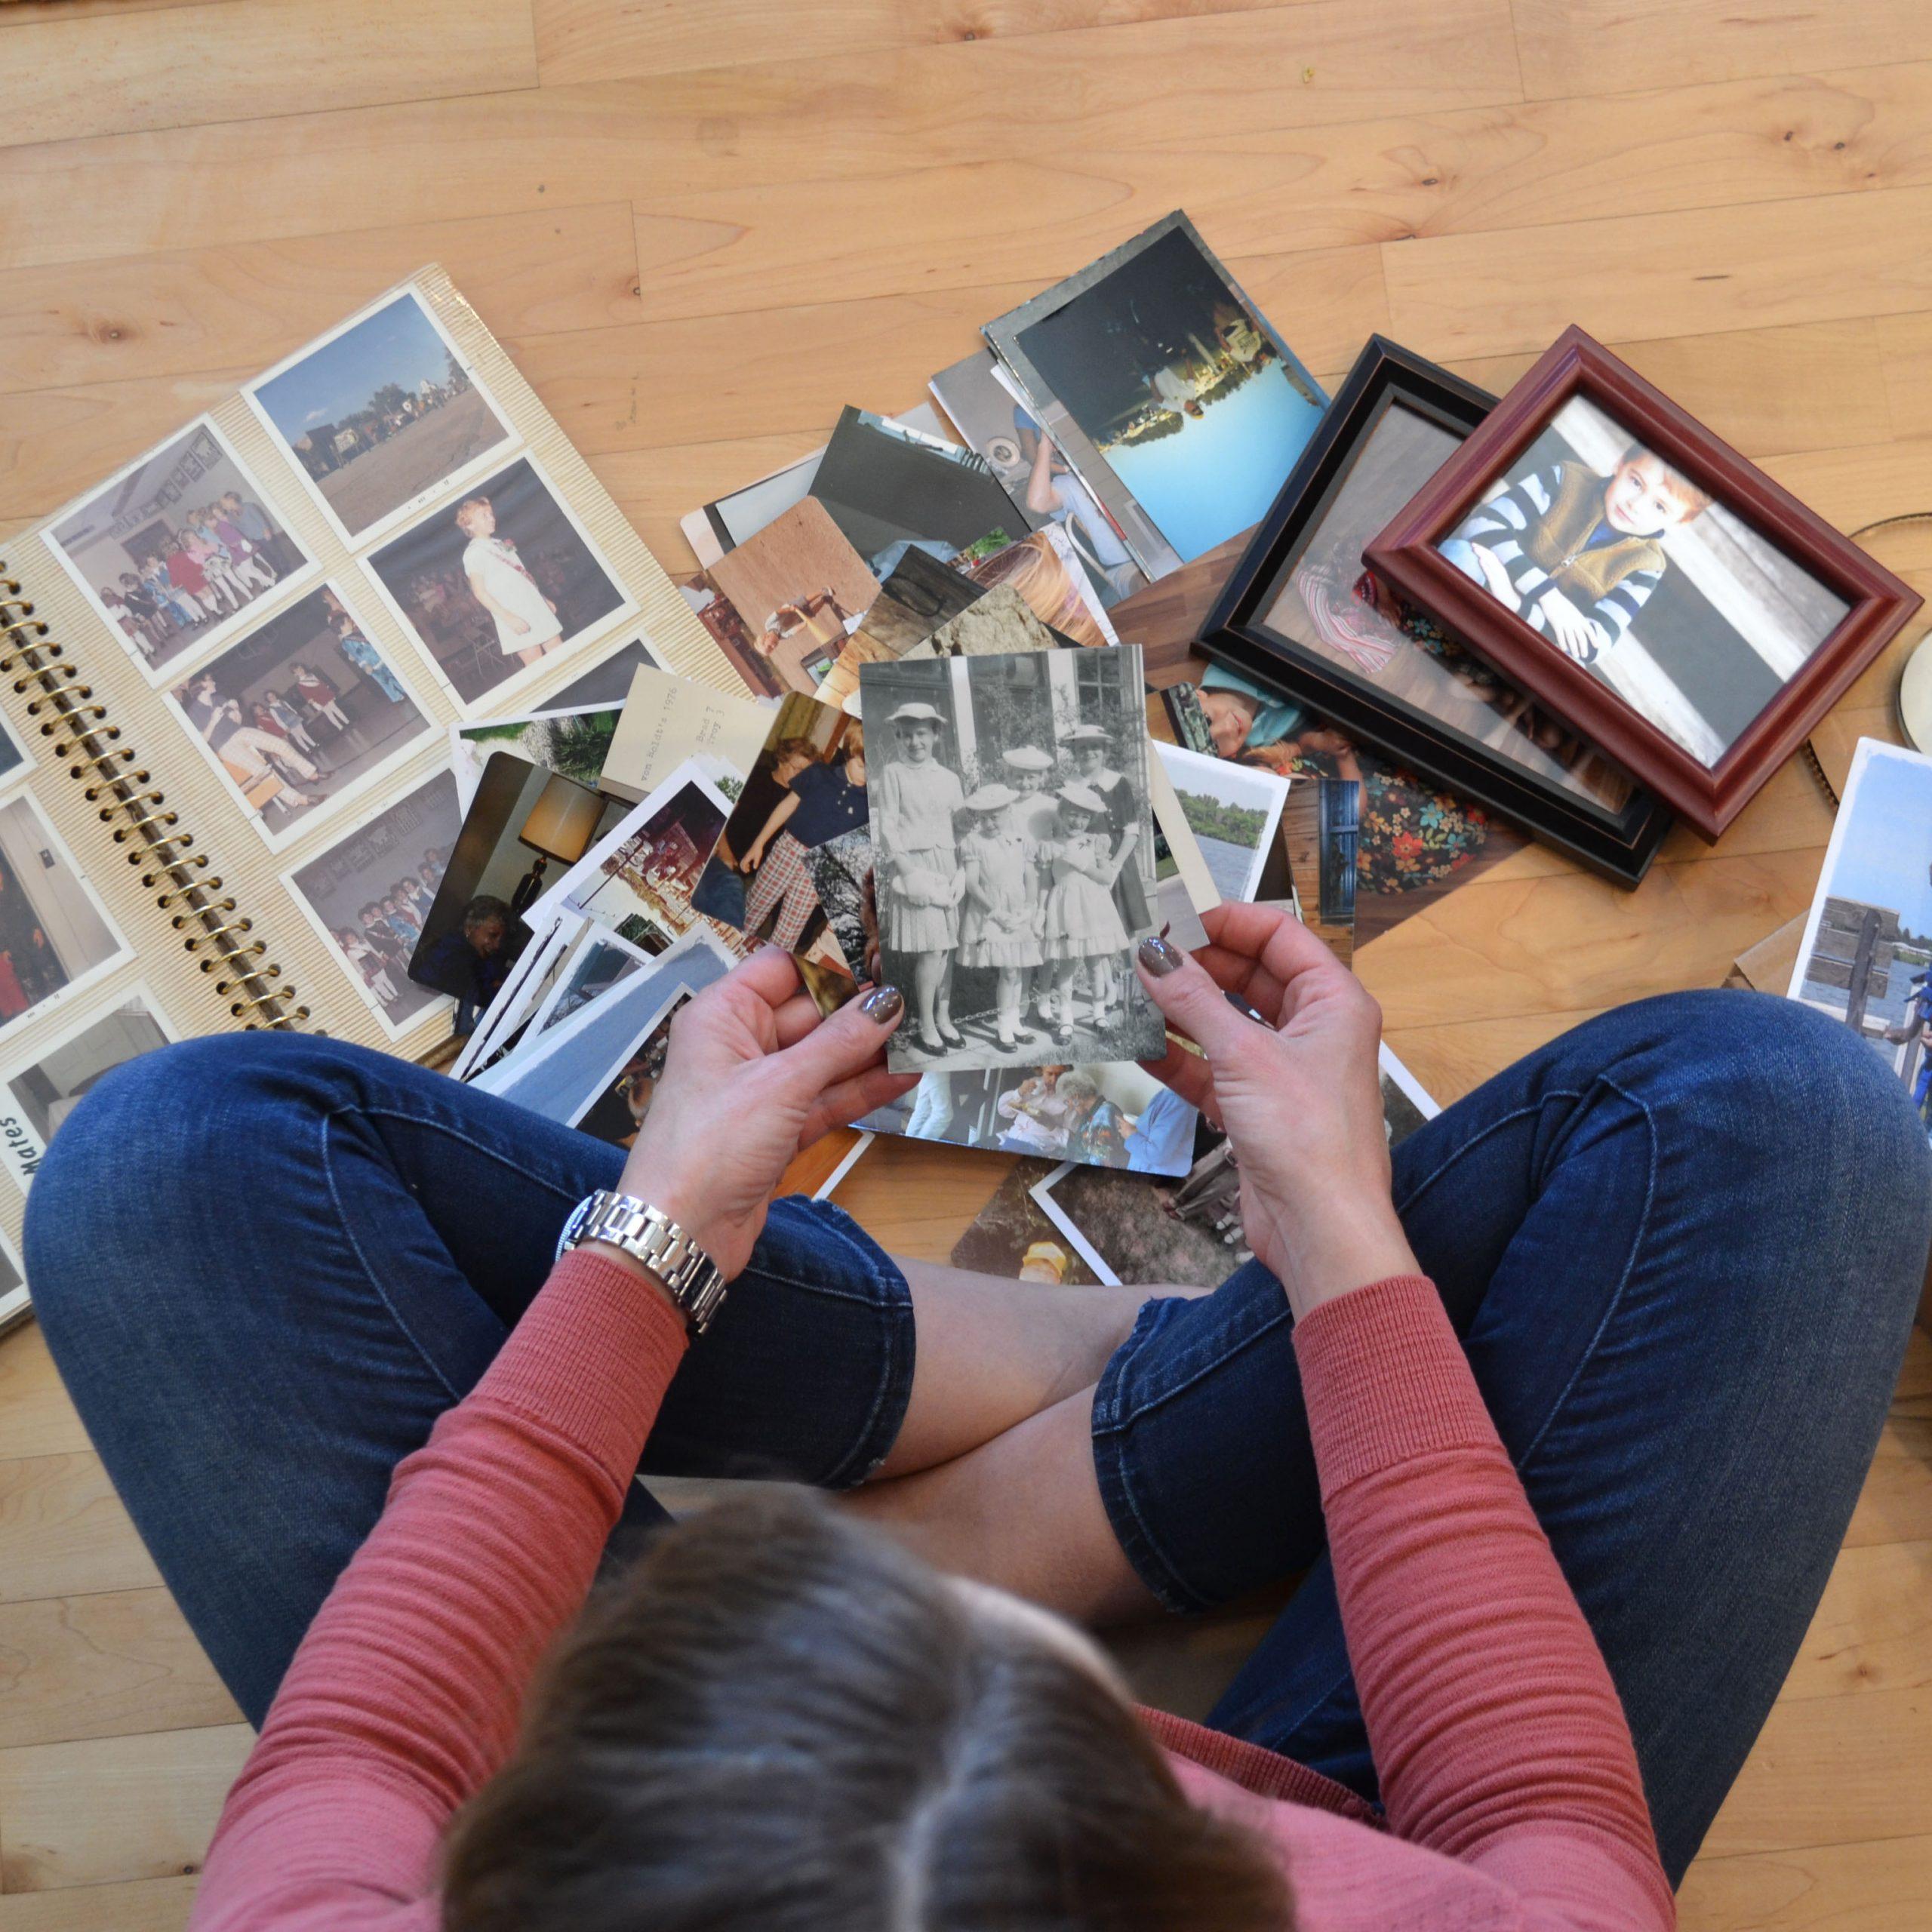 photo scanning sorting photos